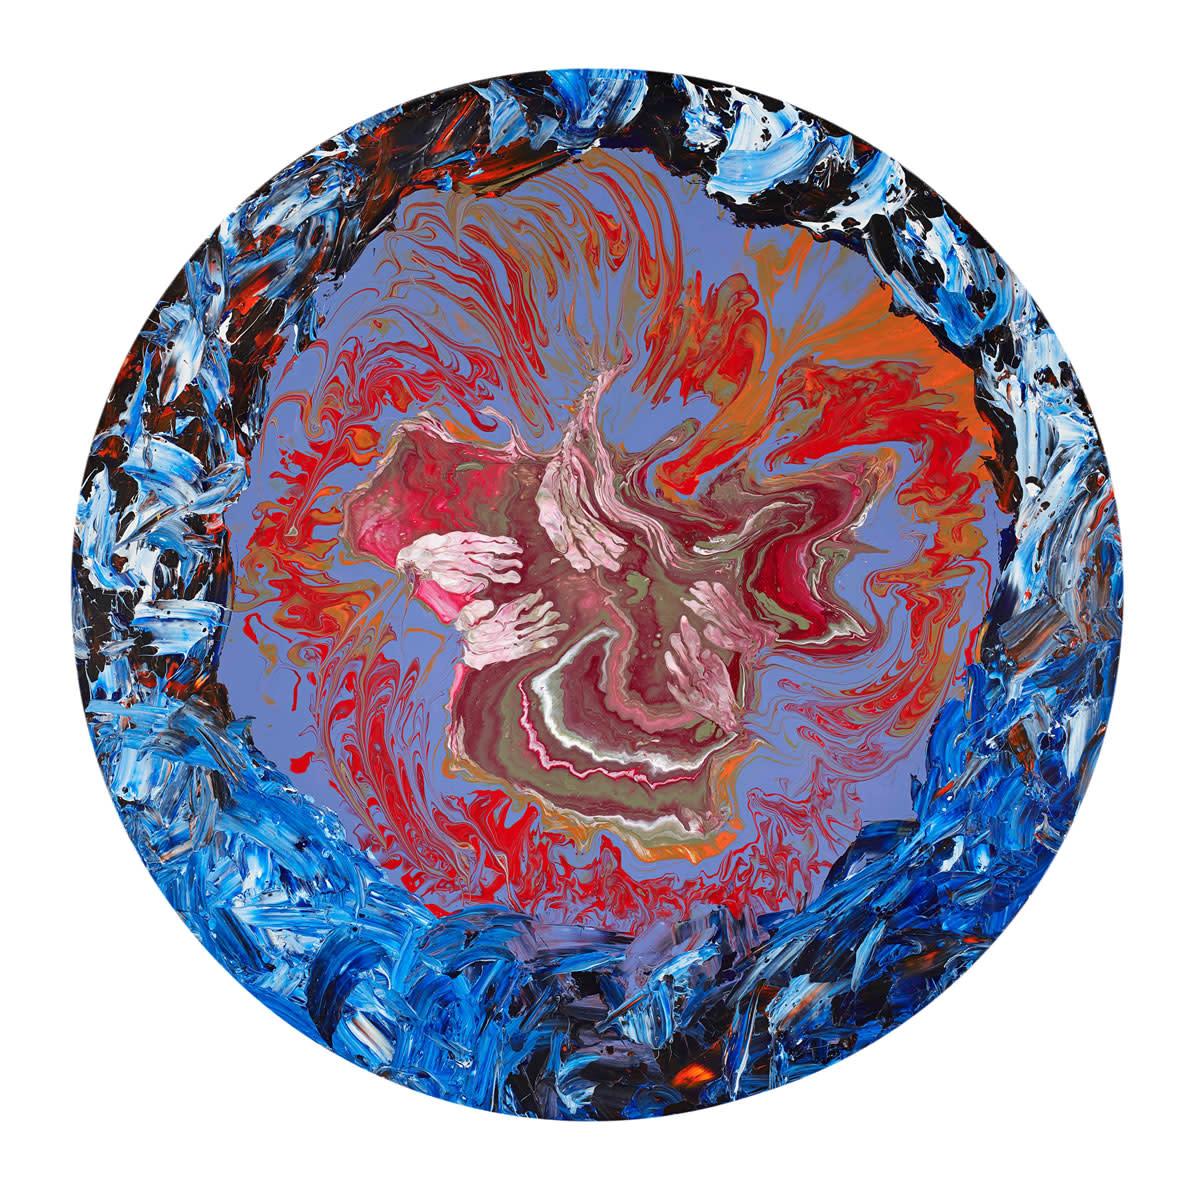 <span class=&#34;link fancybox-details-link&#34;><a href=&#34;/artists/66-elsa-duault/works/7207-elsa-duault-parallel-universe-1-2019/&#34;>View Detail Page</a></span><div class=&#34;artist&#34;><strong>Elsa Duault</strong></div> <div class=&#34;title&#34;><em>Parallel Universe 1</em>, 2019</div> <div class=&#34;medium&#34;>Acrylic on canvas</div> <div class=&#34;dimensions&#34;>120cm diameter</div>